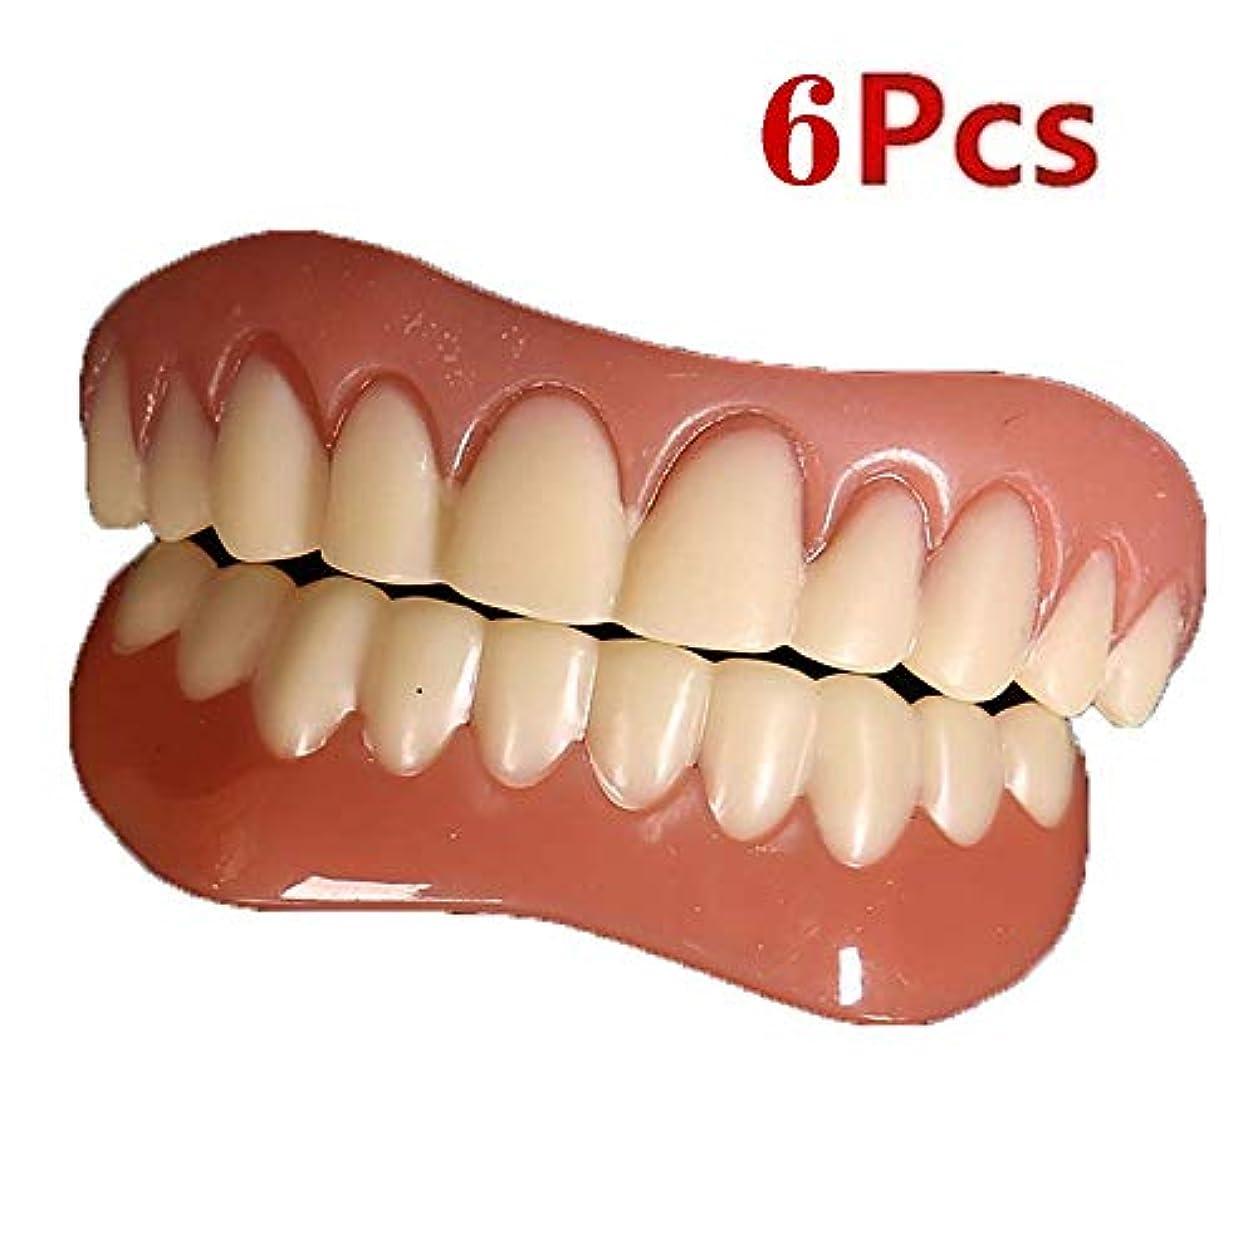 コック蒸気酔っ払い6個のインスタントスマイルの歯アッパーロアーベニアの快適さフィットの歯のベニヤ、ワンサイズは数分以内に自宅であなたの笑顔を直す